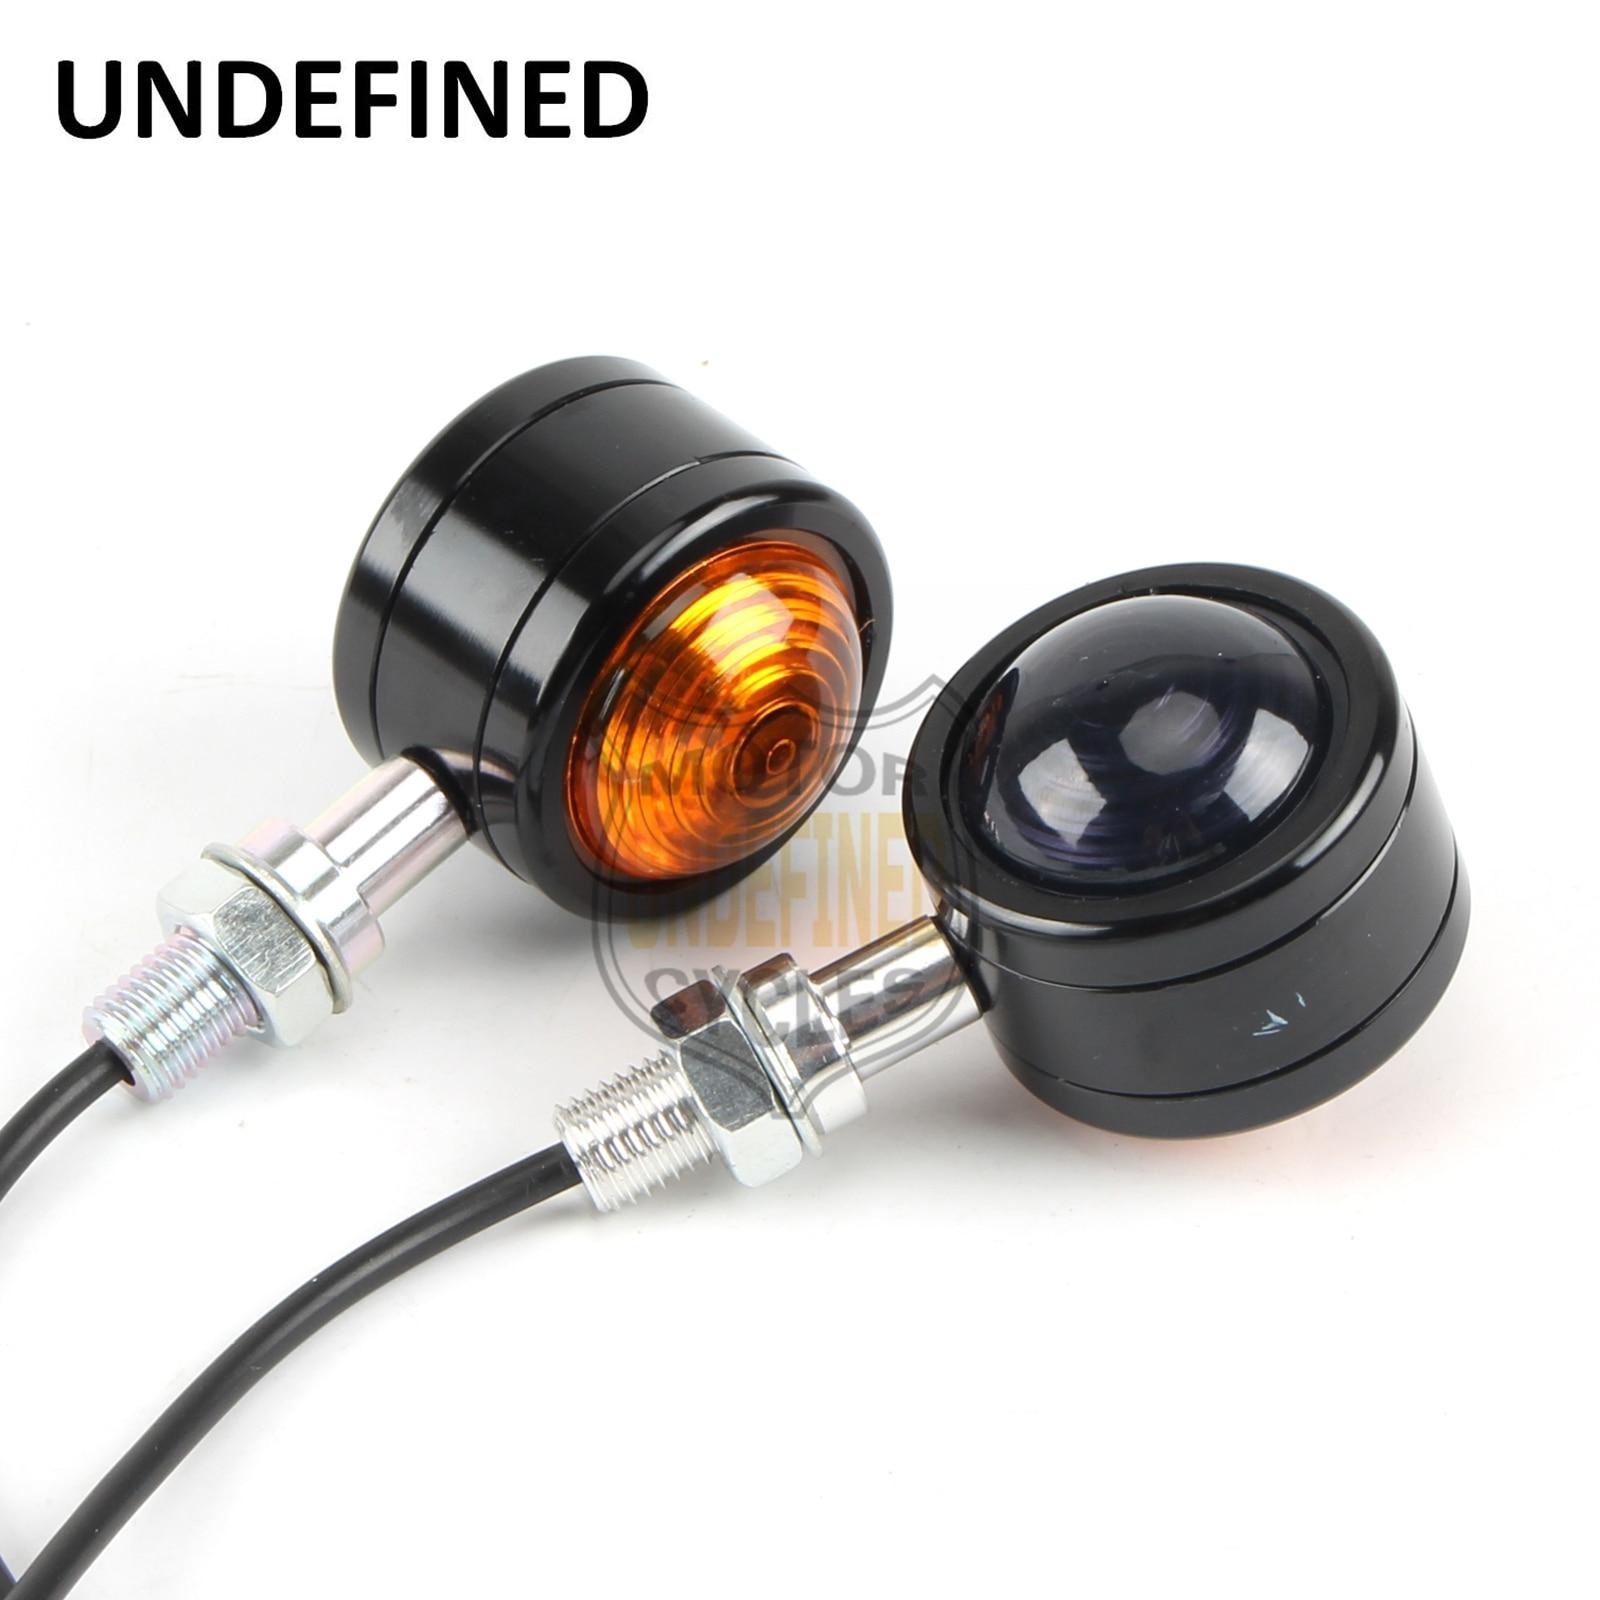 Motorbike Motorcycle Parts Black Aluminum Small Round Double Lens LED Turn Signal Blinker Amber Indicato Light UNDEFINED